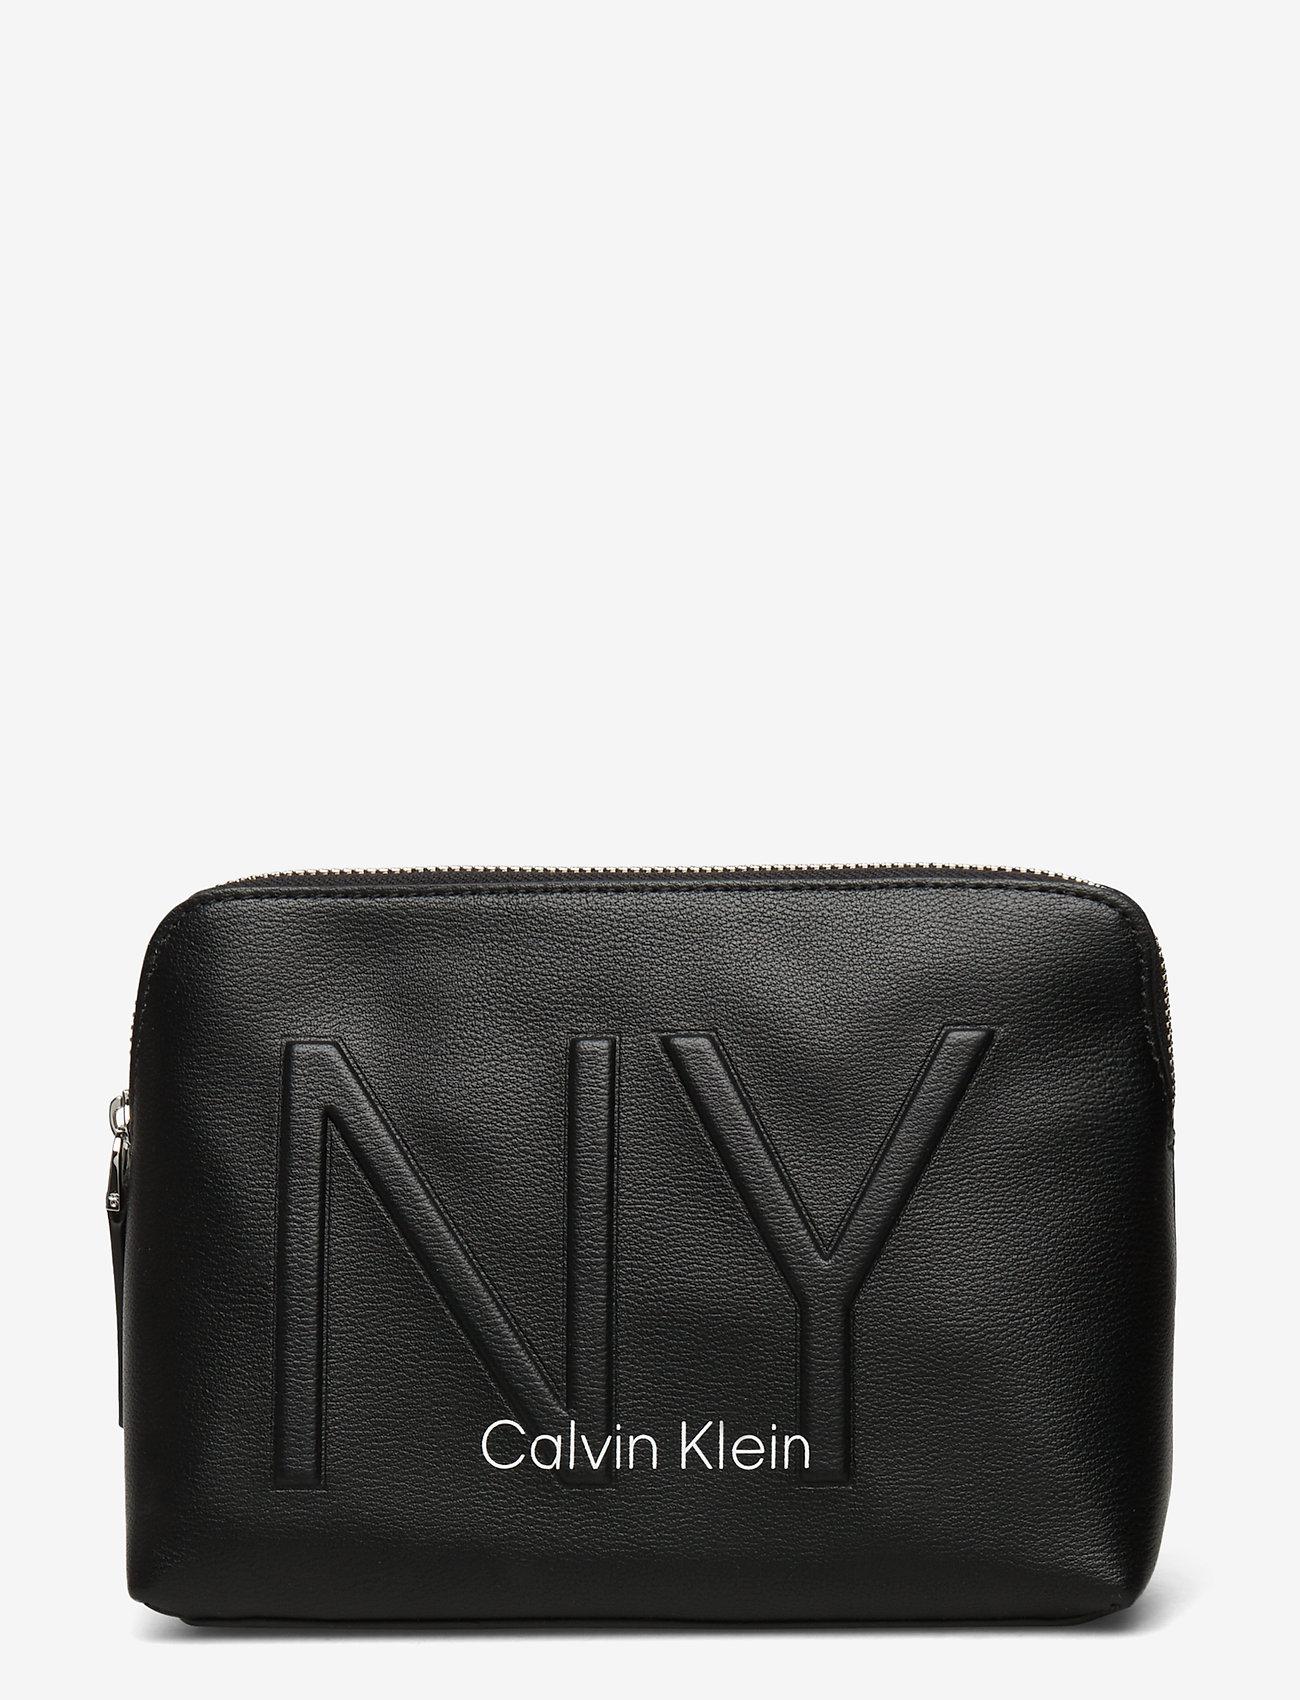 Calvin Klein - NY SHAPED WASHBAG - torby kosmetyczne - black - 0